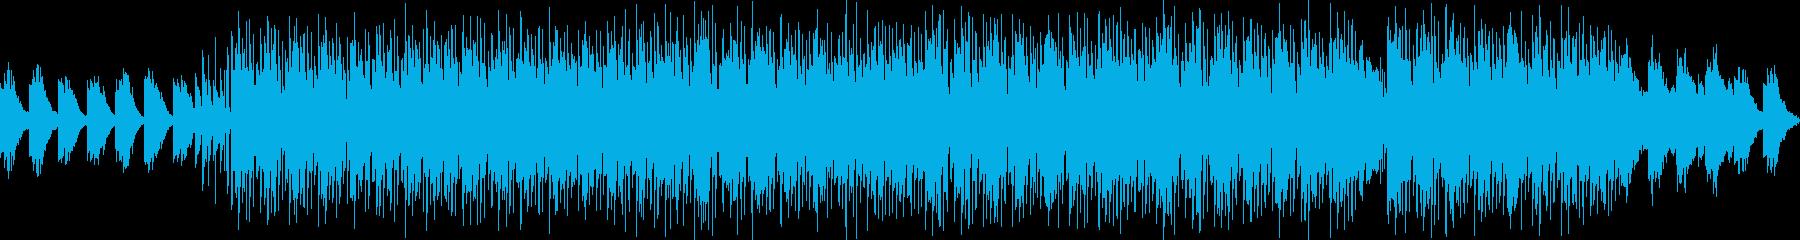 自然あふれるファンタジー(穏やか)の再生済みの波形